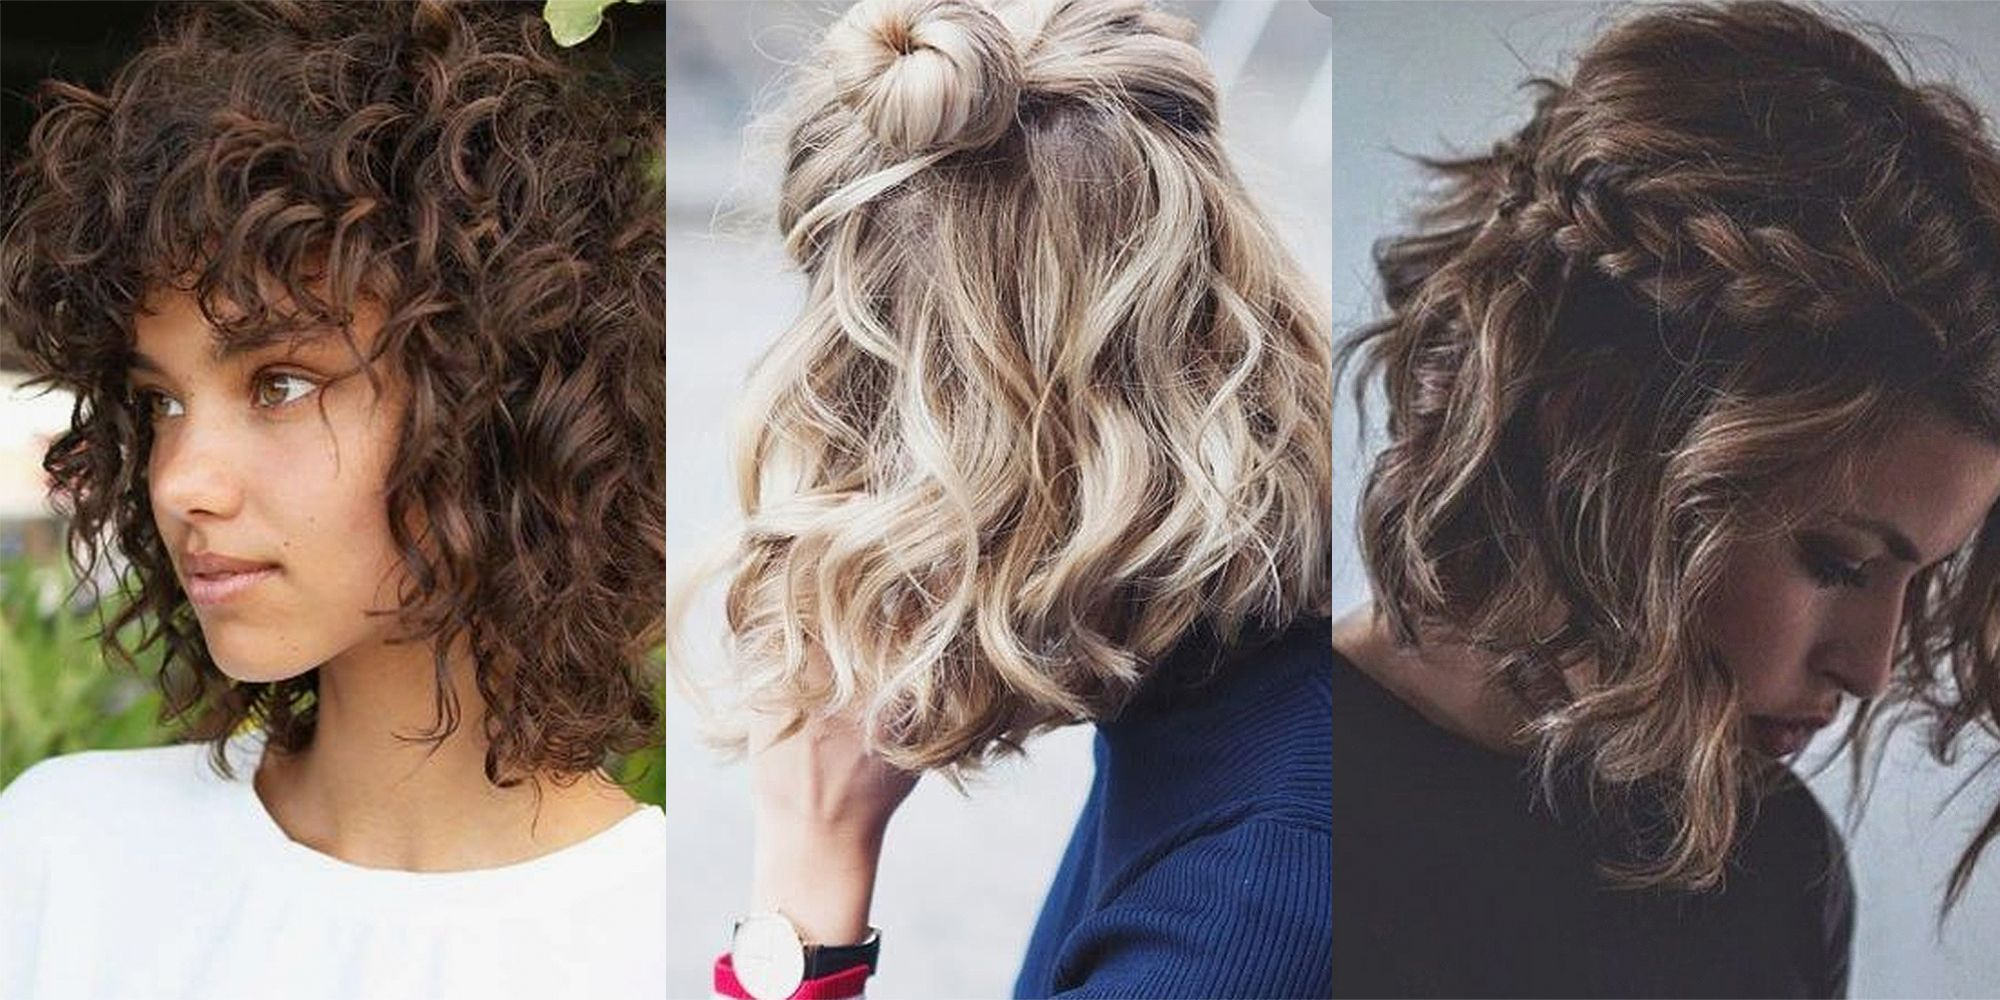 Los mejores peinados para pelo corto y rizado - Cómo peinar el pelo corto  rizado b605e89d54c6